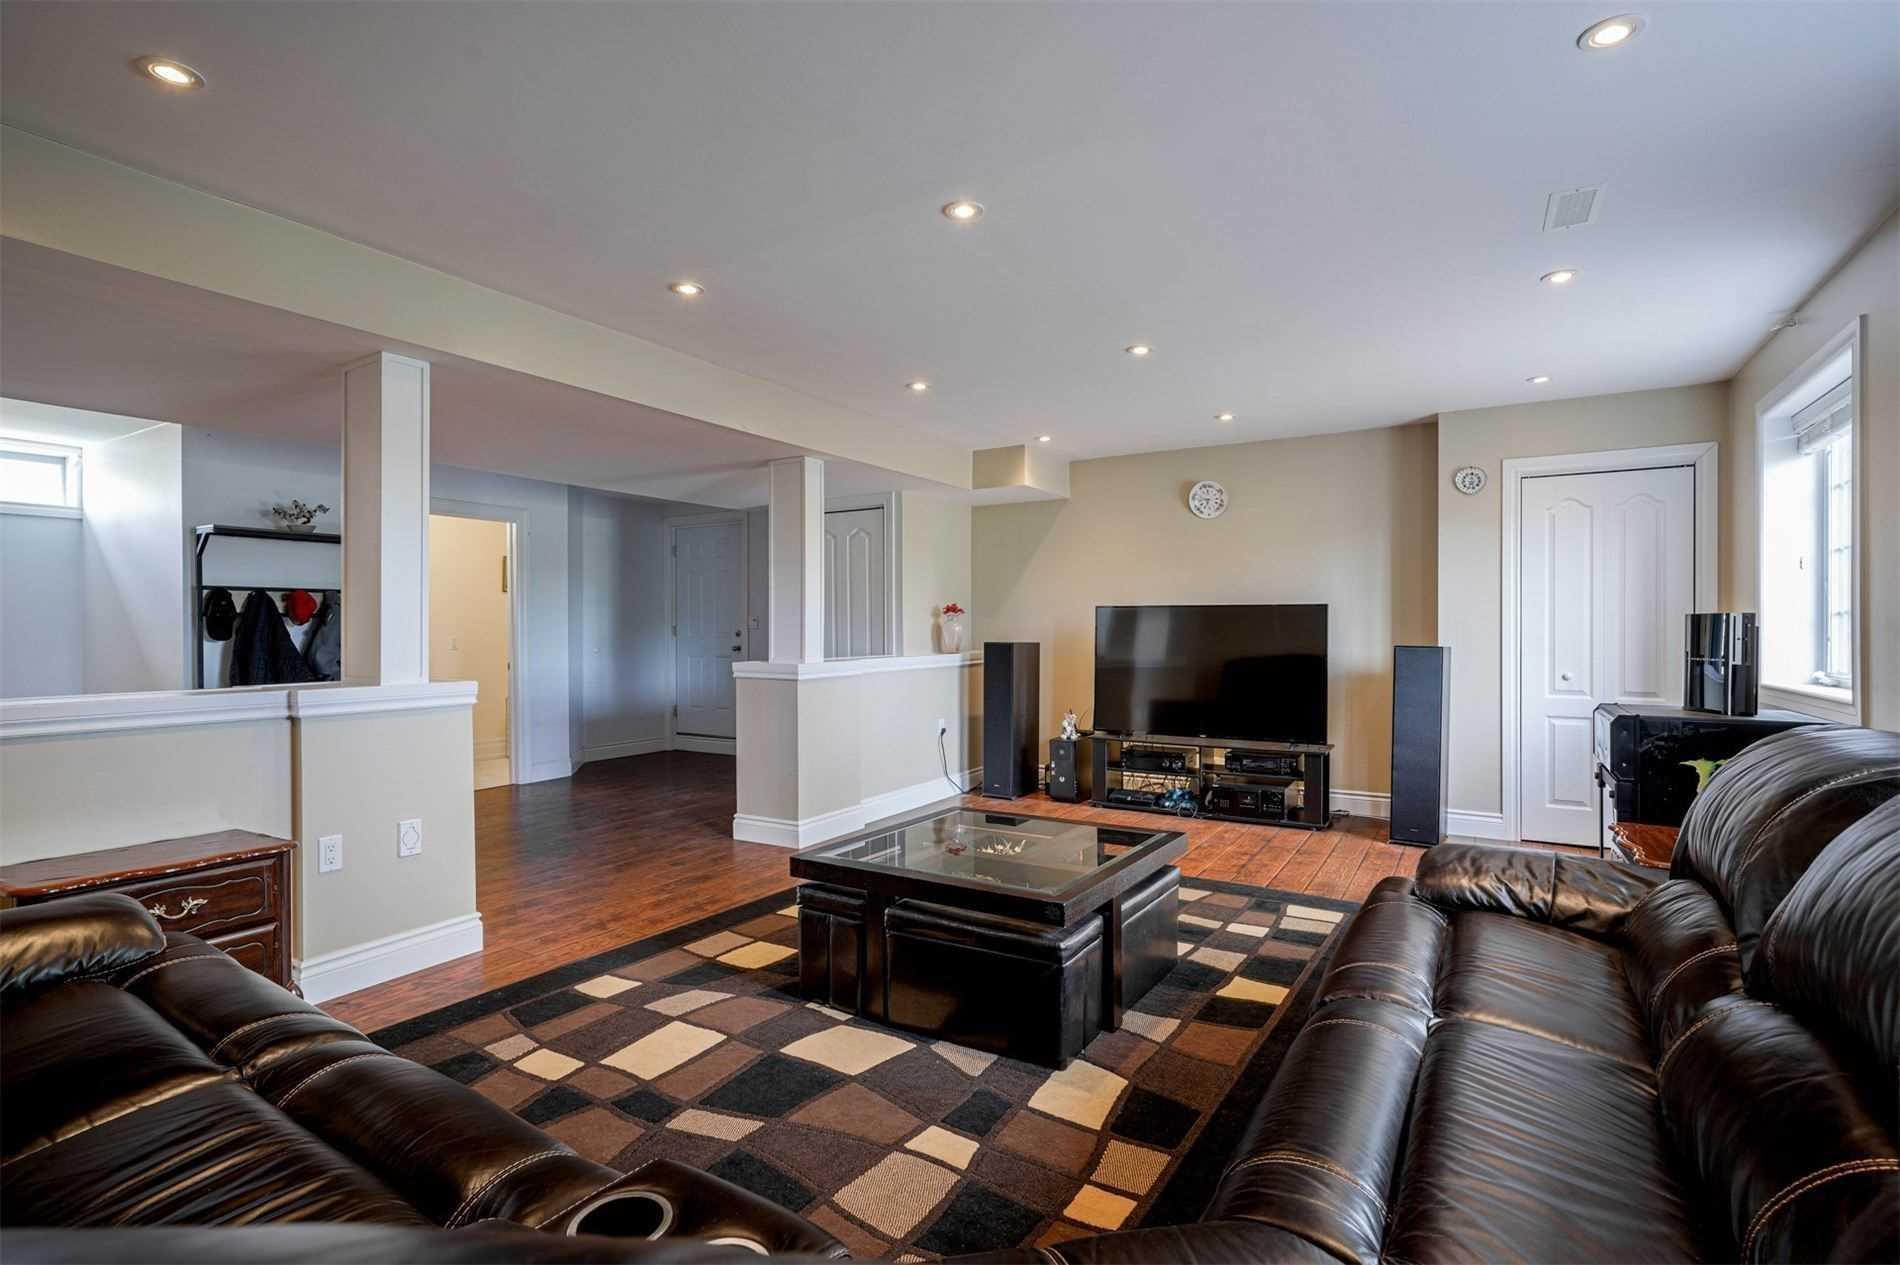 315 Highway 47 Rd - Rural Uxbridge Detached for sale, 3 Bedrooms (N5306115) - #31